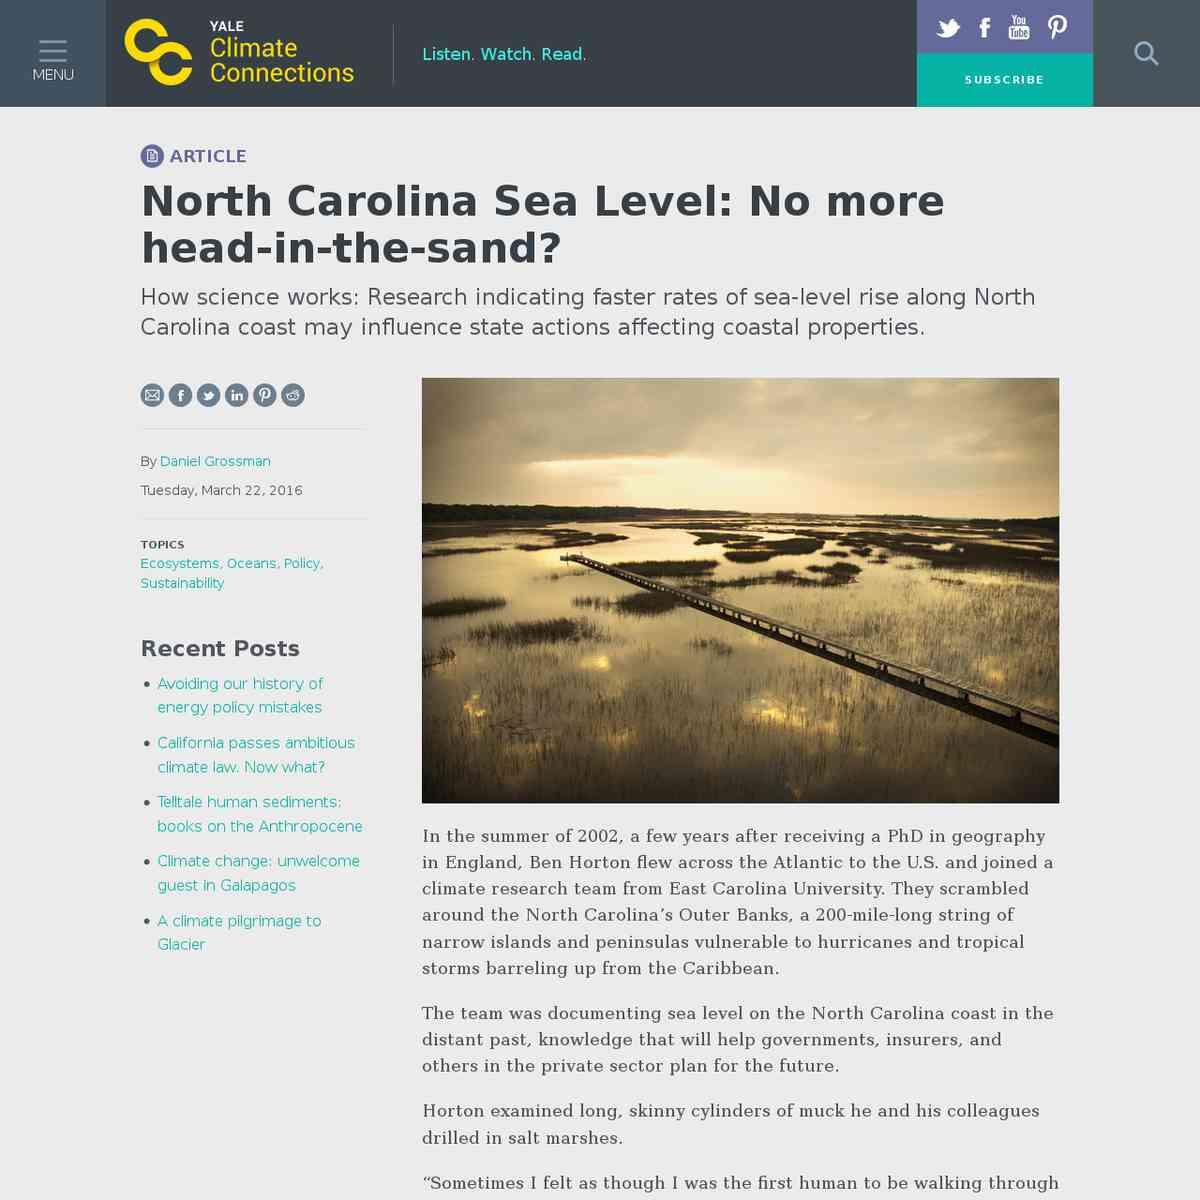 North Carolina Sea Level: No more head-in-the-sand?